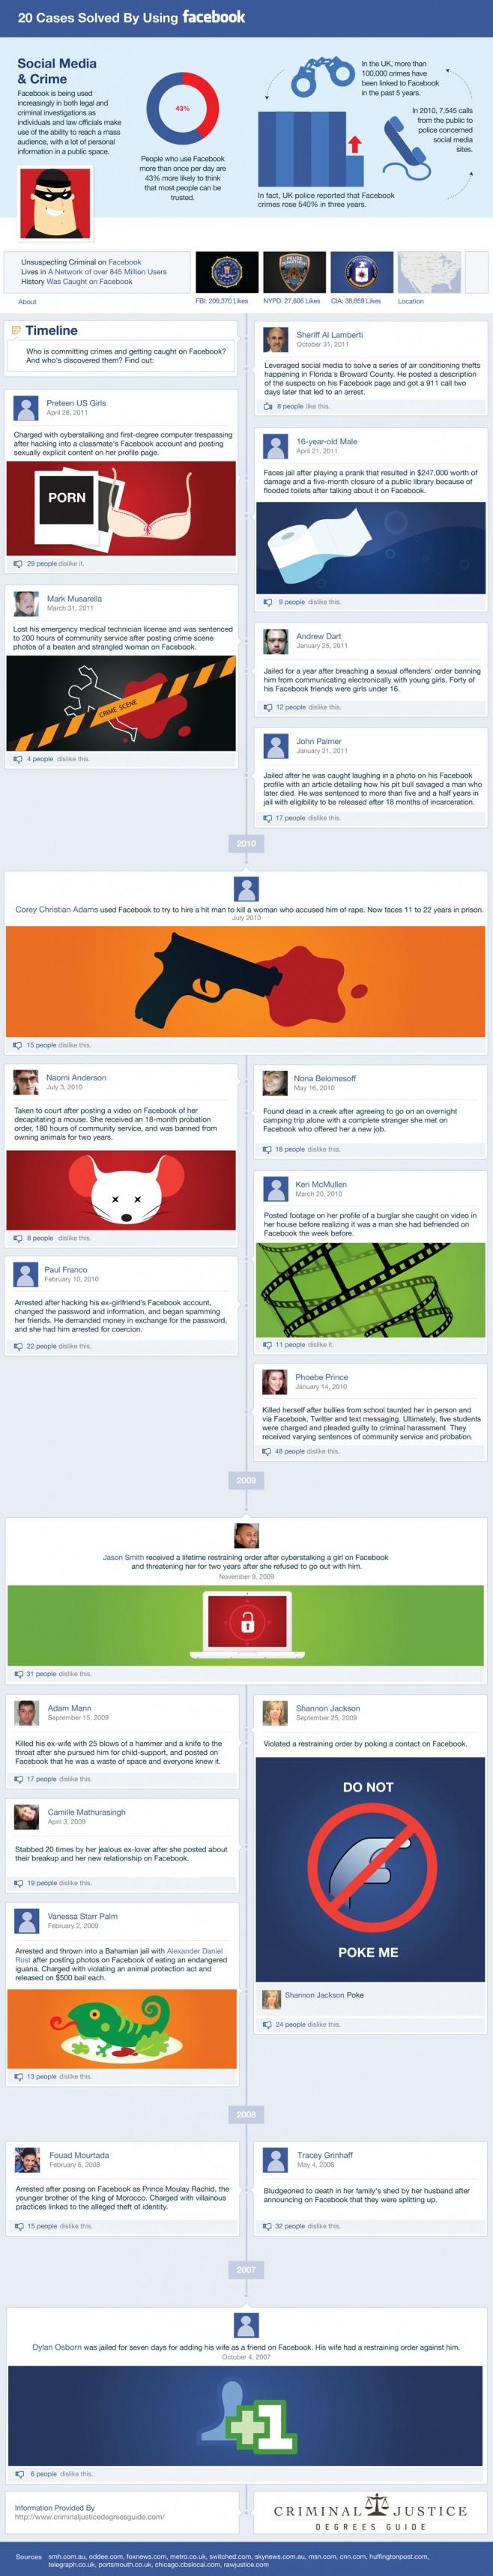 Crímenes resueltos en facebook